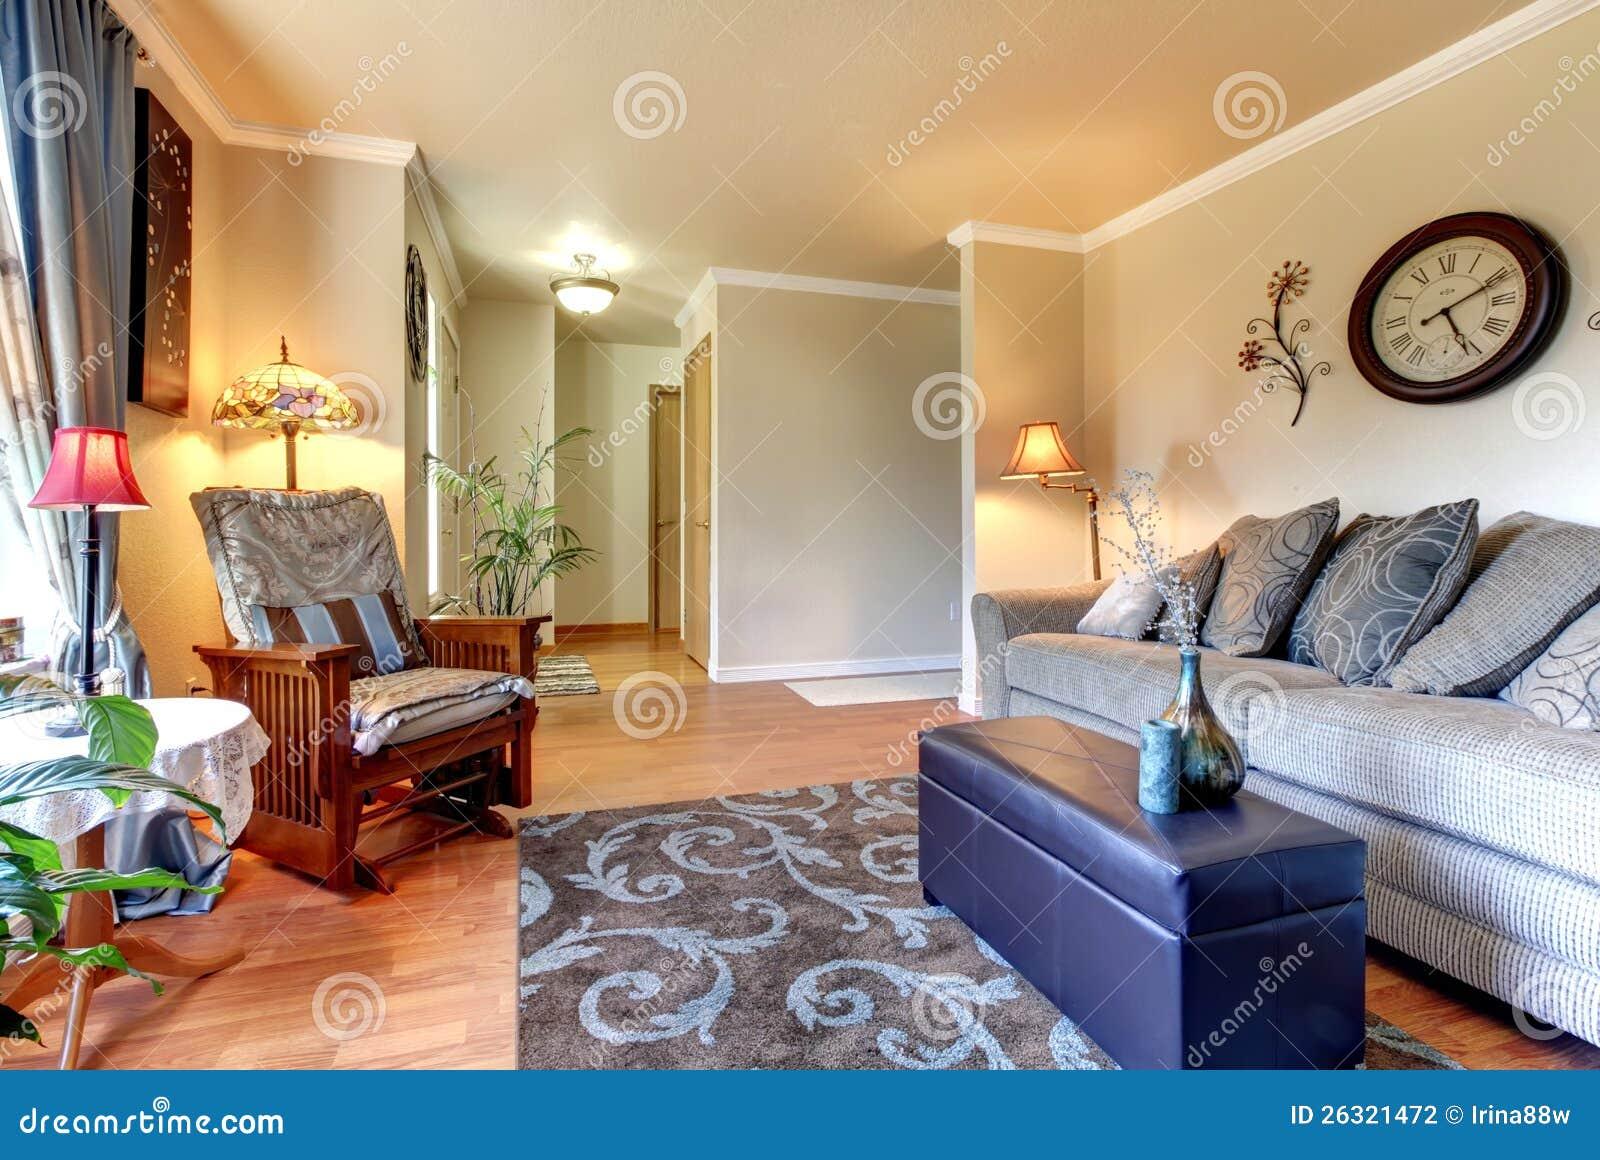 Diseño interior de la sala de estar clásica elegante y simple.